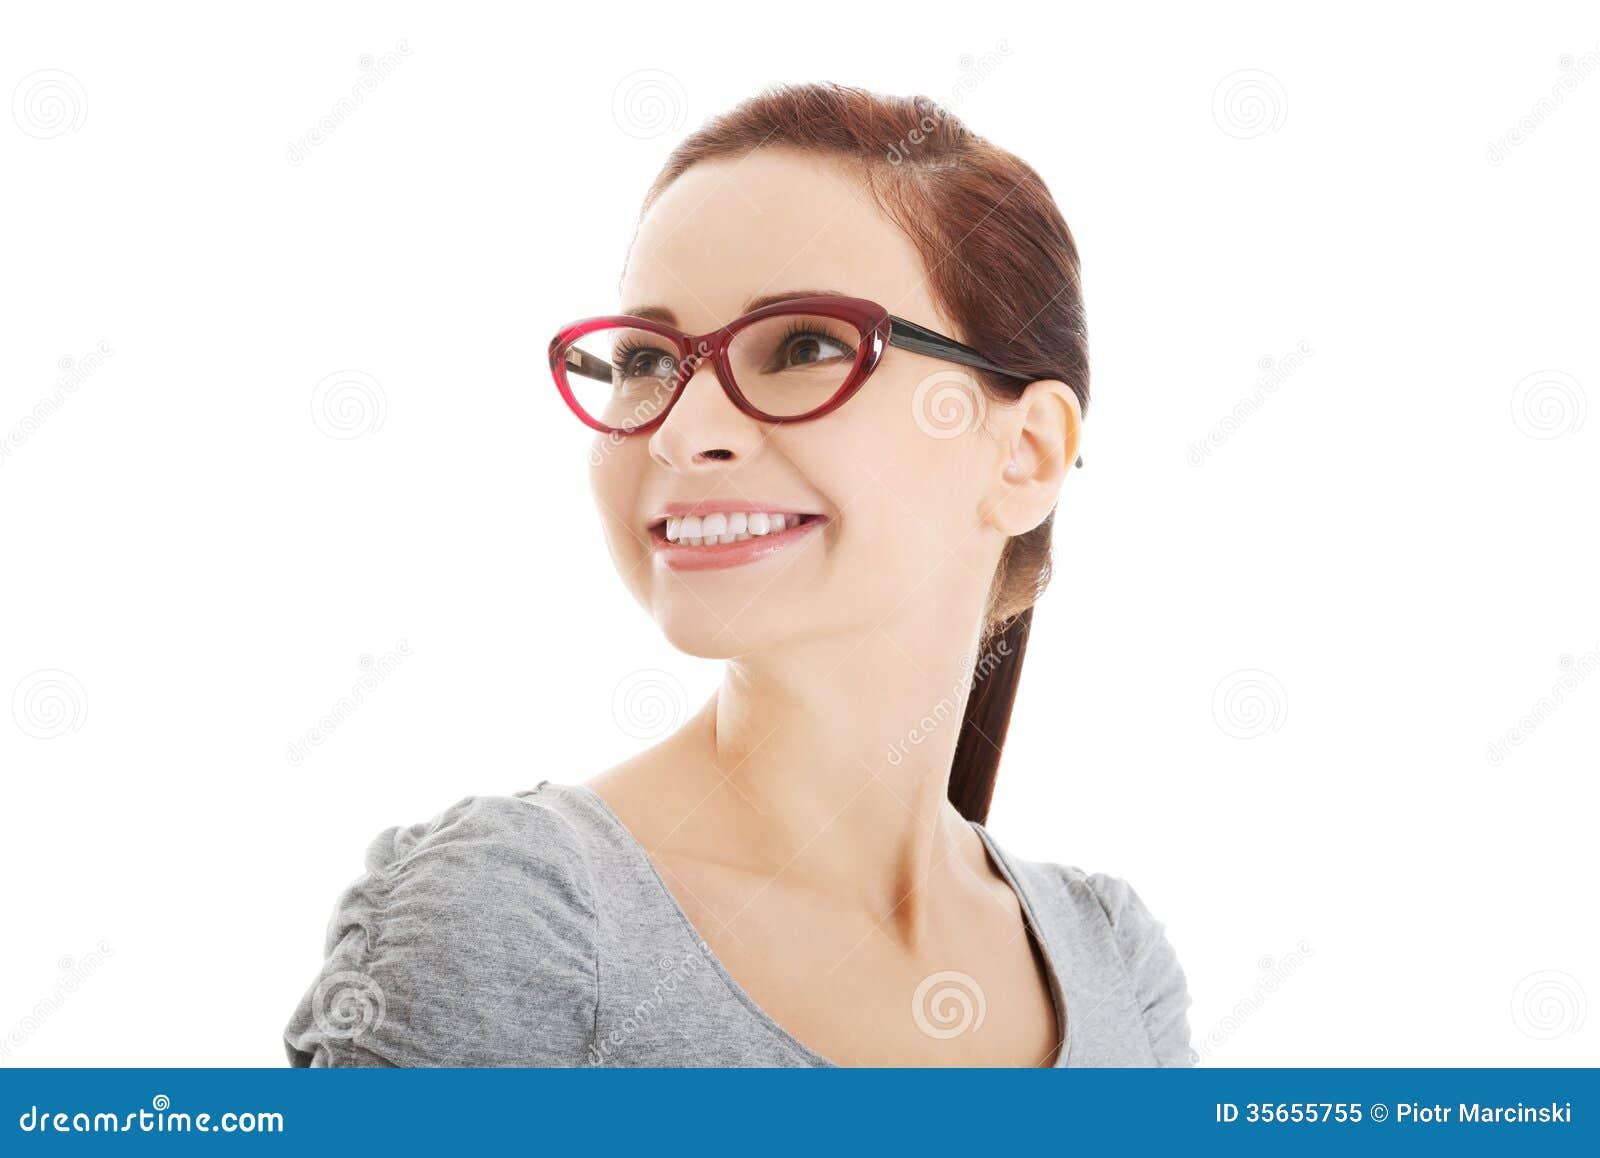 portrait de belle femme dans des lunettes rouges photo libre de droits image 35655755. Black Bedroom Furniture Sets. Home Design Ideas